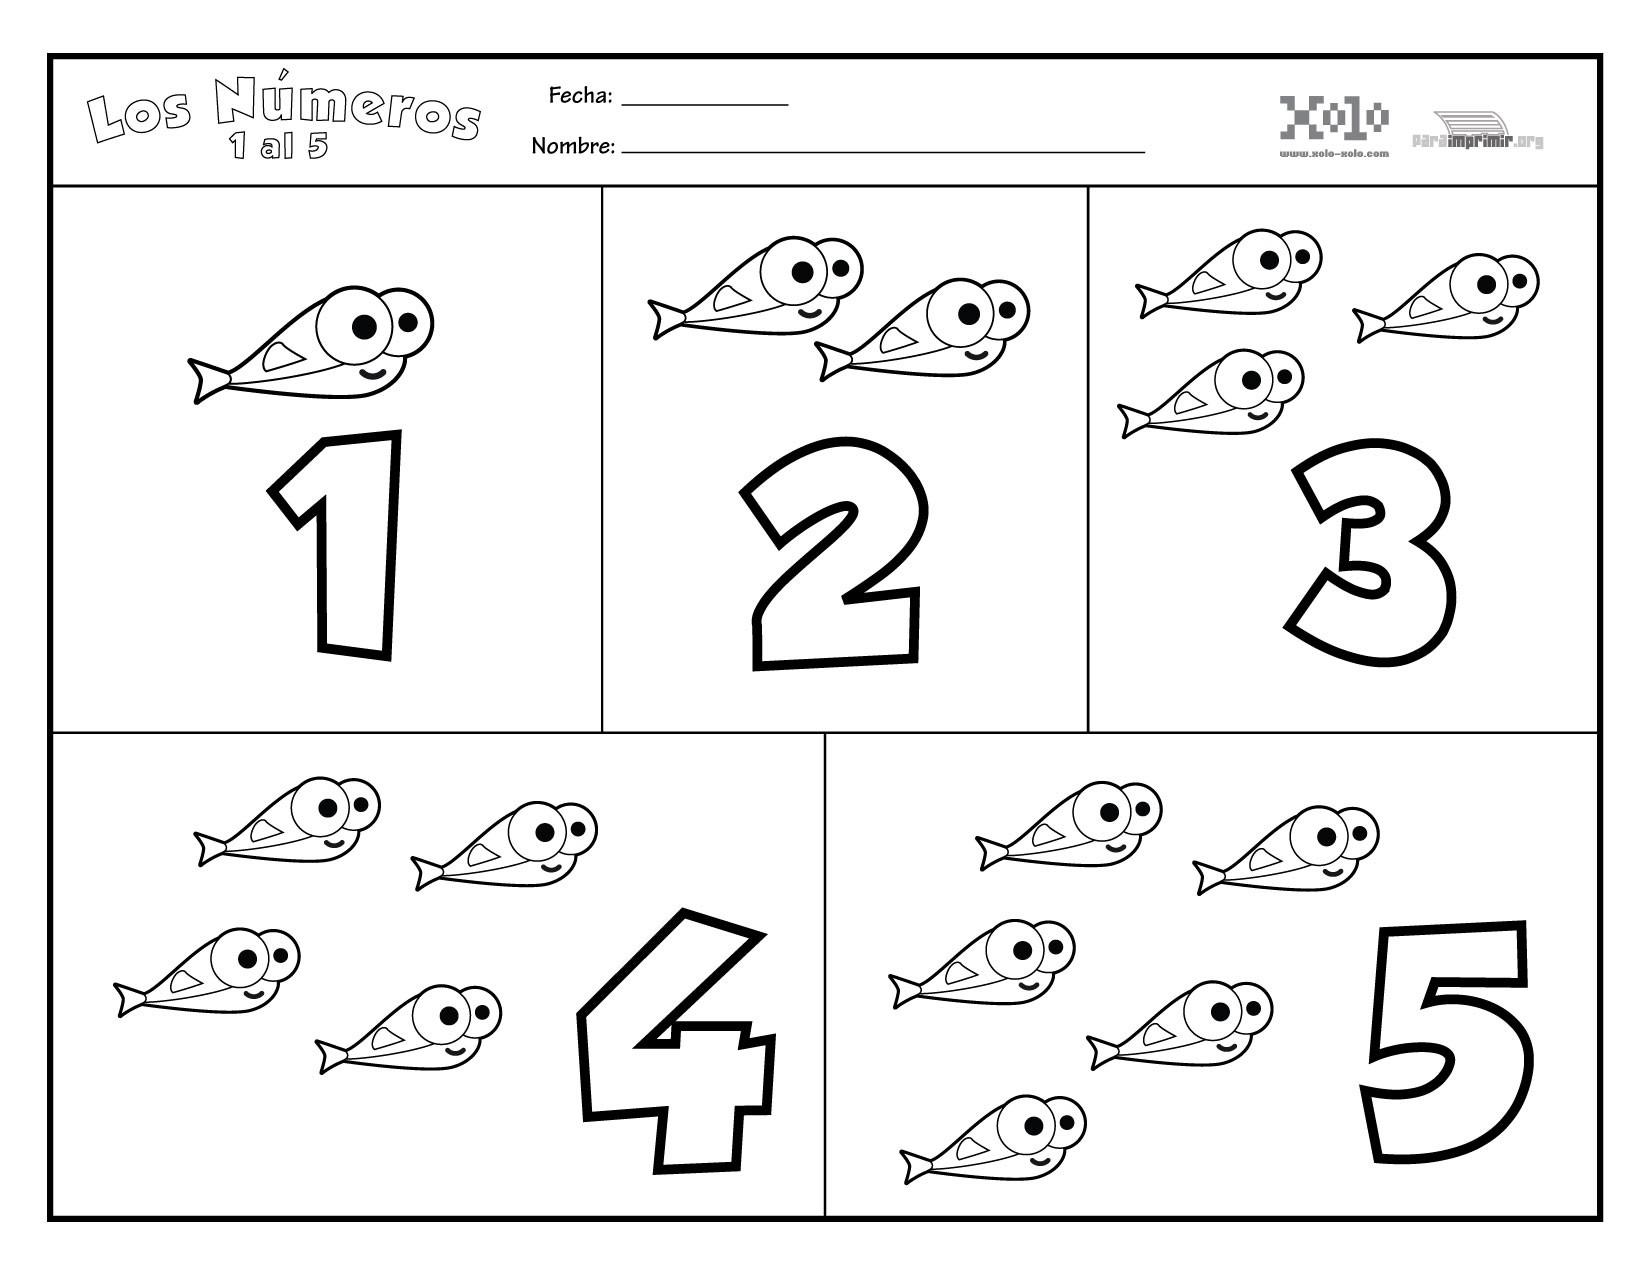 Nºmeros para imprimir del 1 al 5 Encantador Dibujos Para Colorear Para Ni±os Pdf